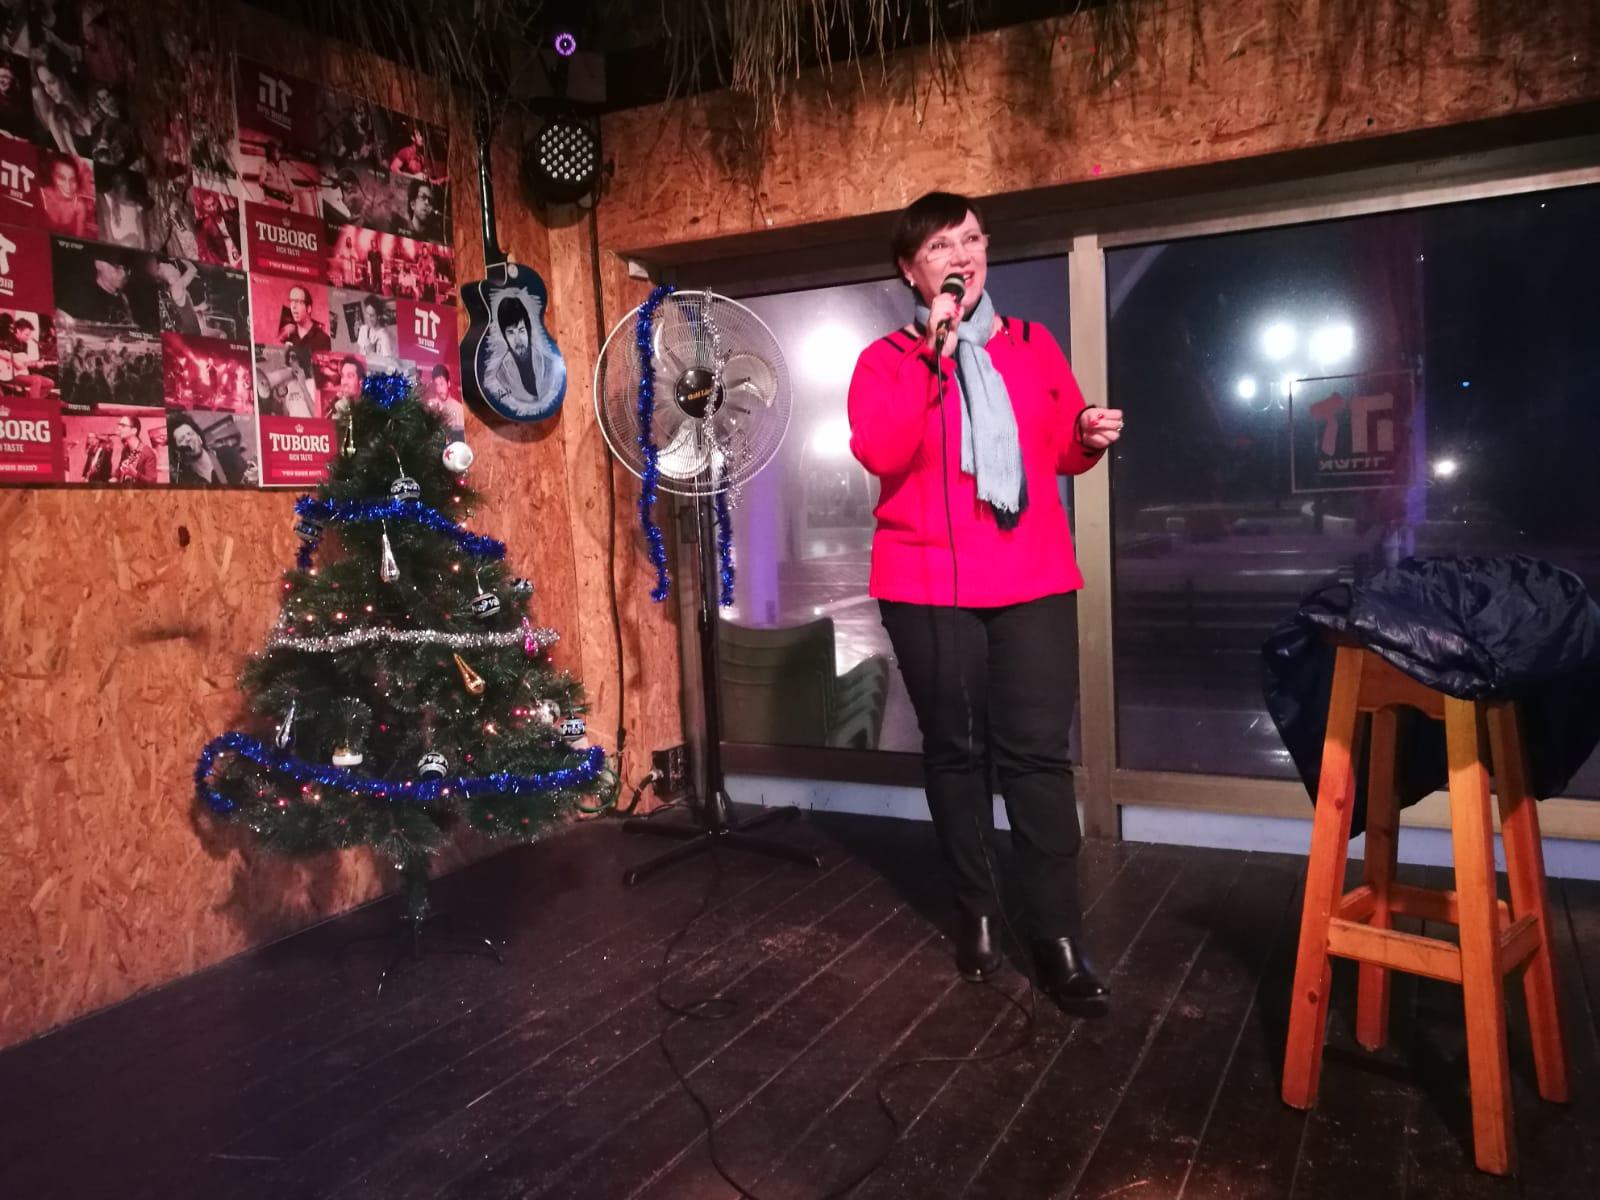 חברת הכנסת טלי פלוסקוב מתארחת בנובי גוד האשדודי צילום: מריאנה אונצ'ה